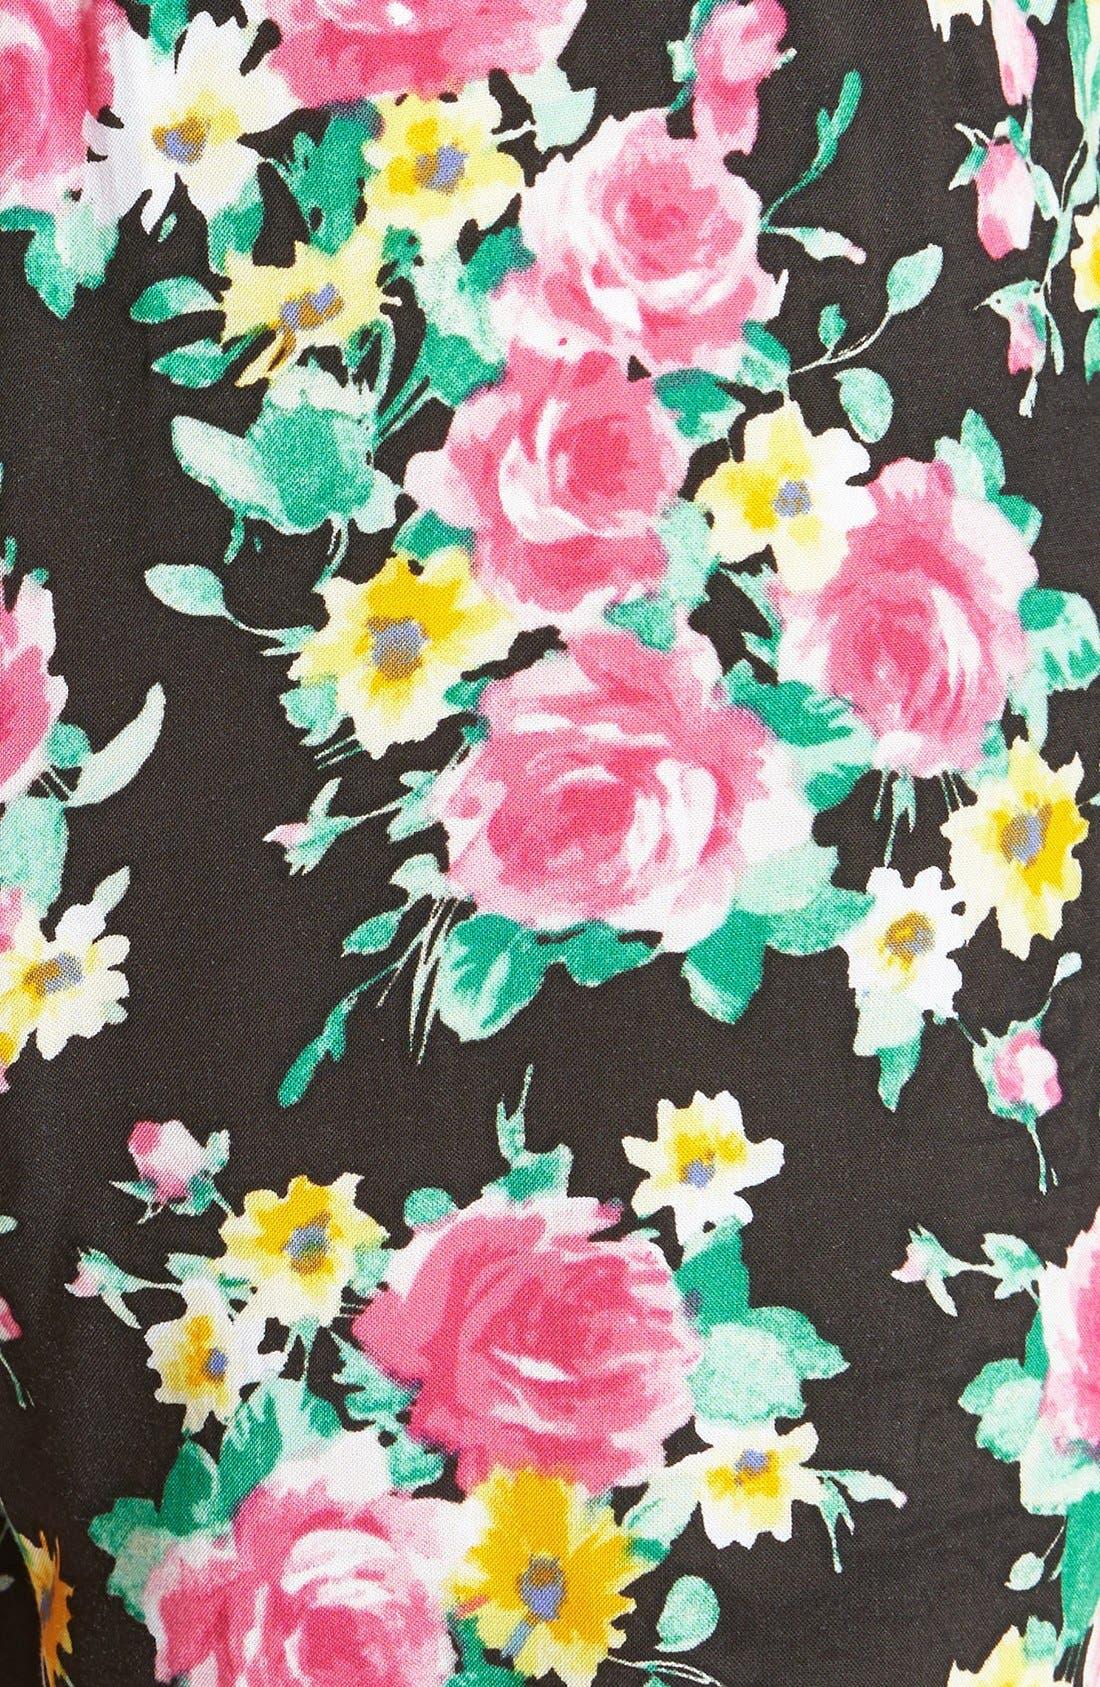 Floral Tie Waist Pants,                             Alternate thumbnail 3, color,                             001